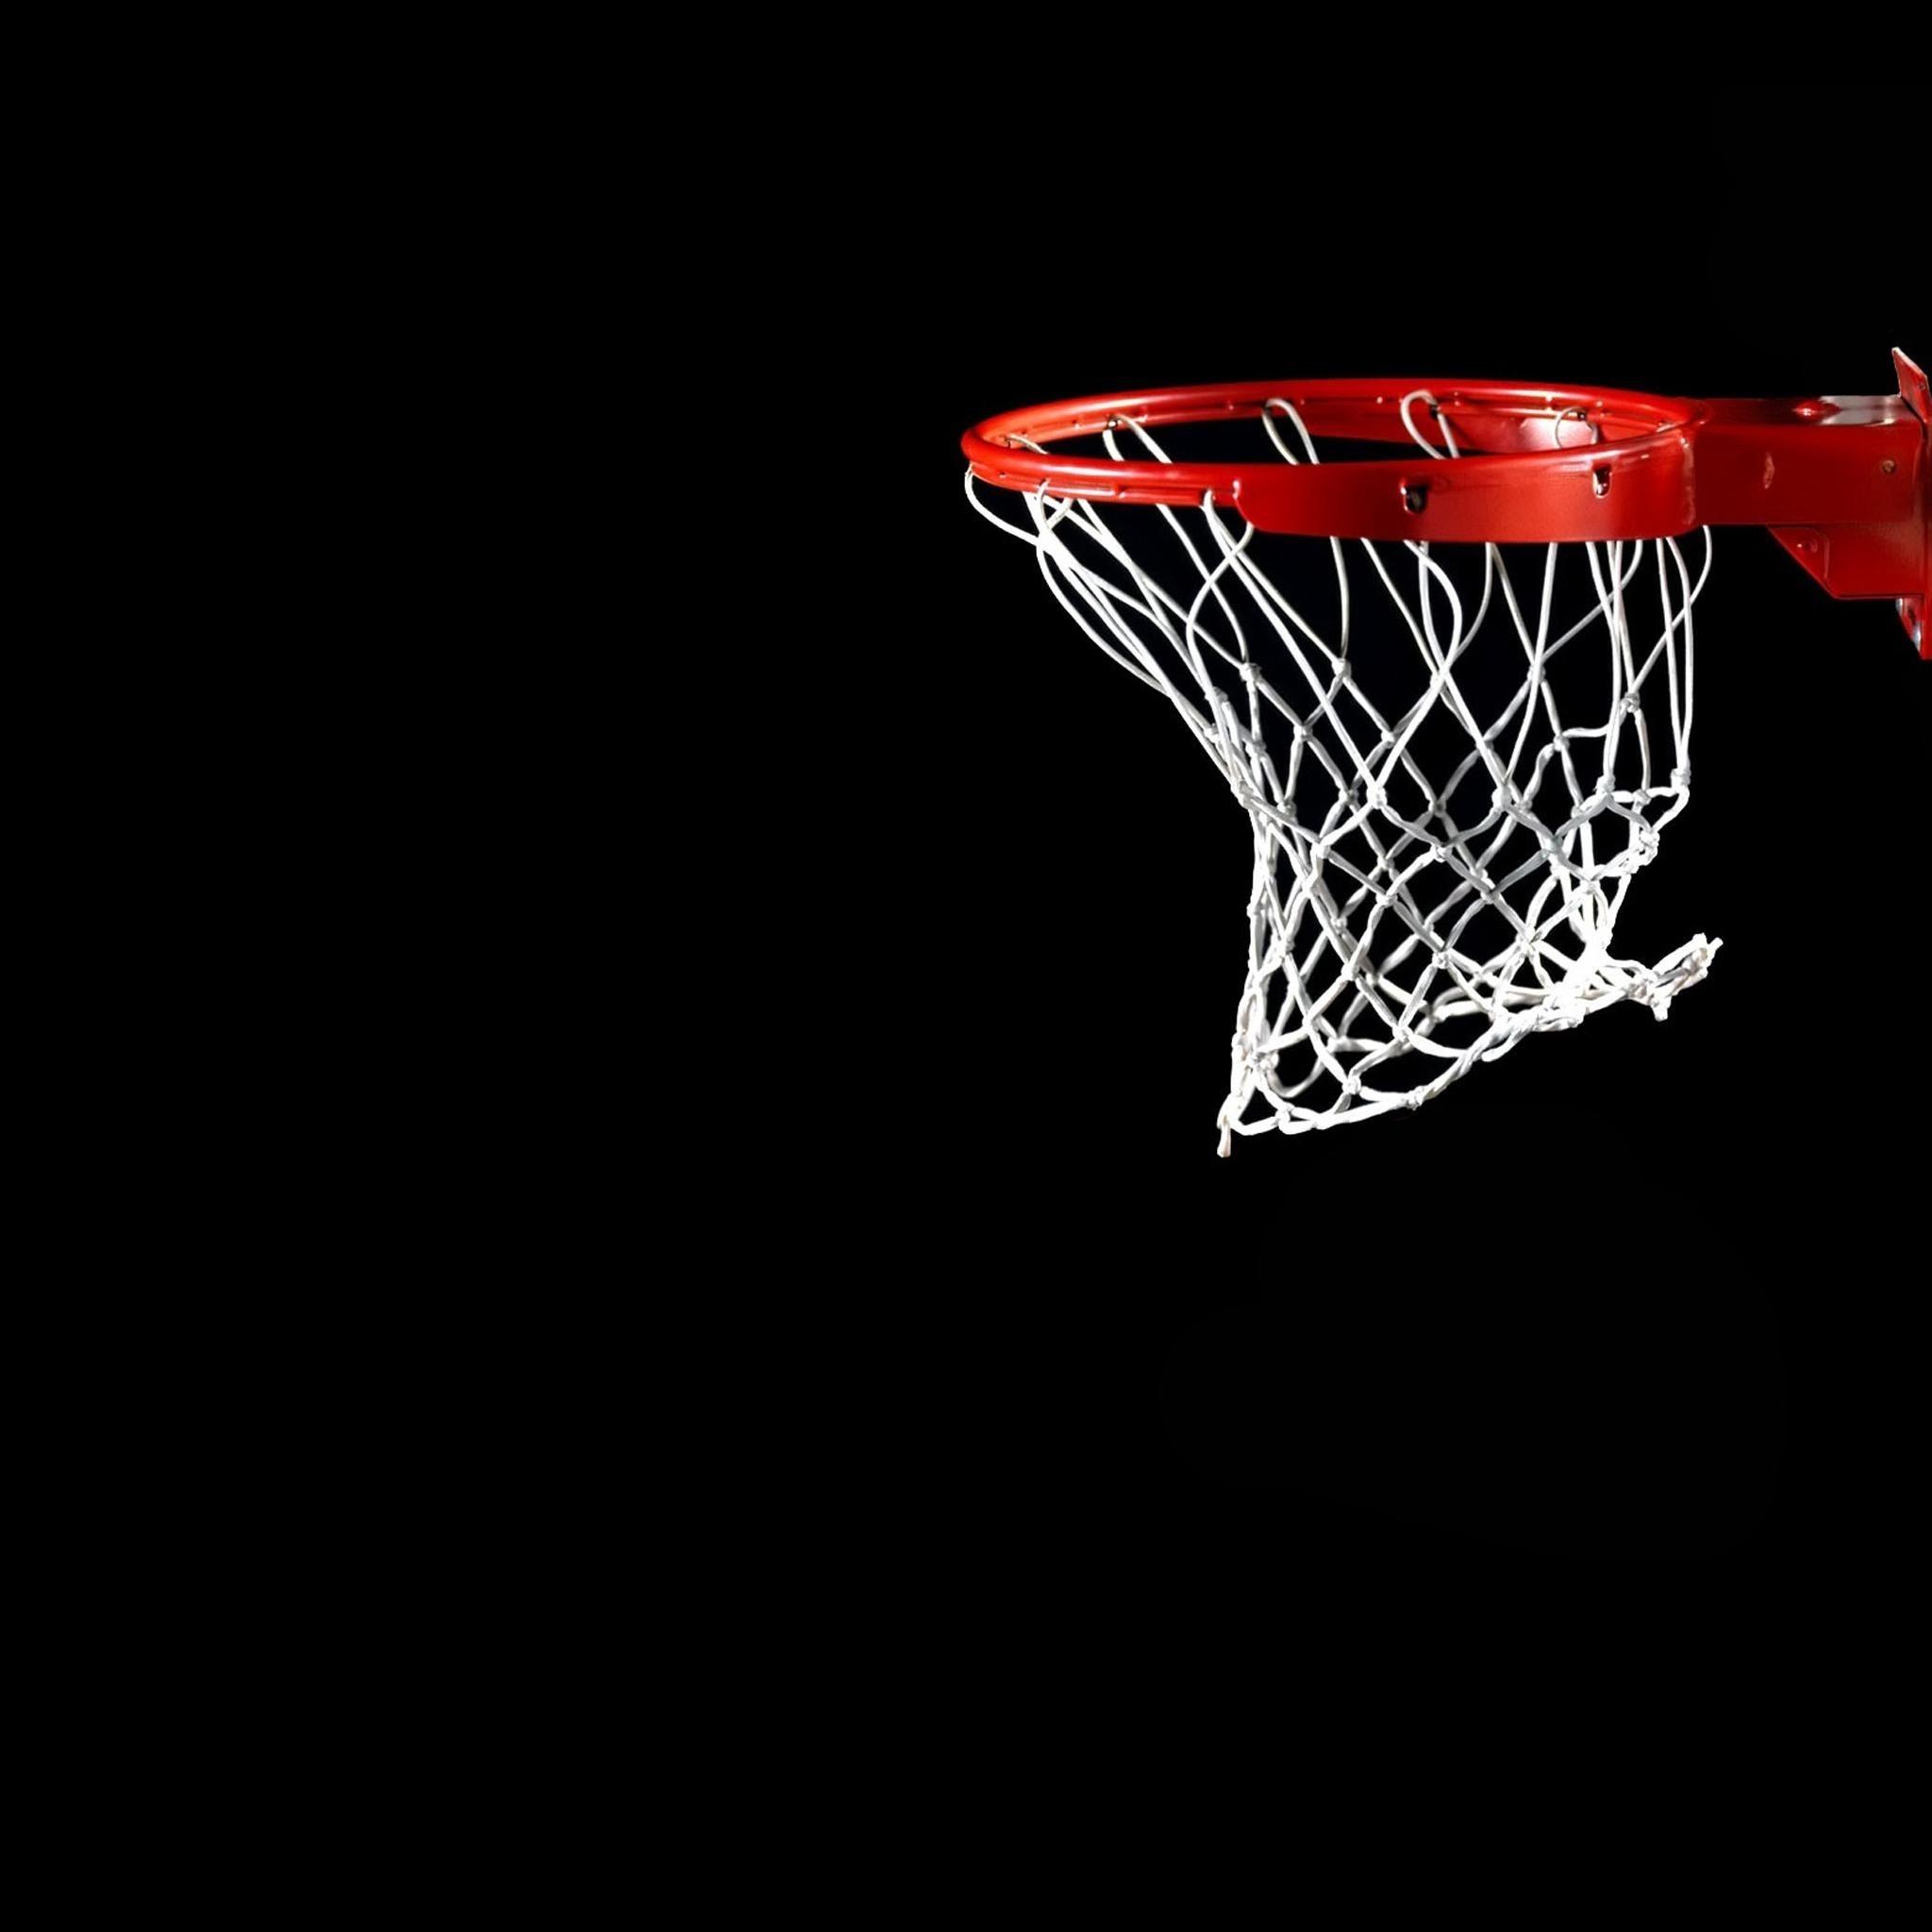 … Basketball NBA Wallpapers 2 …